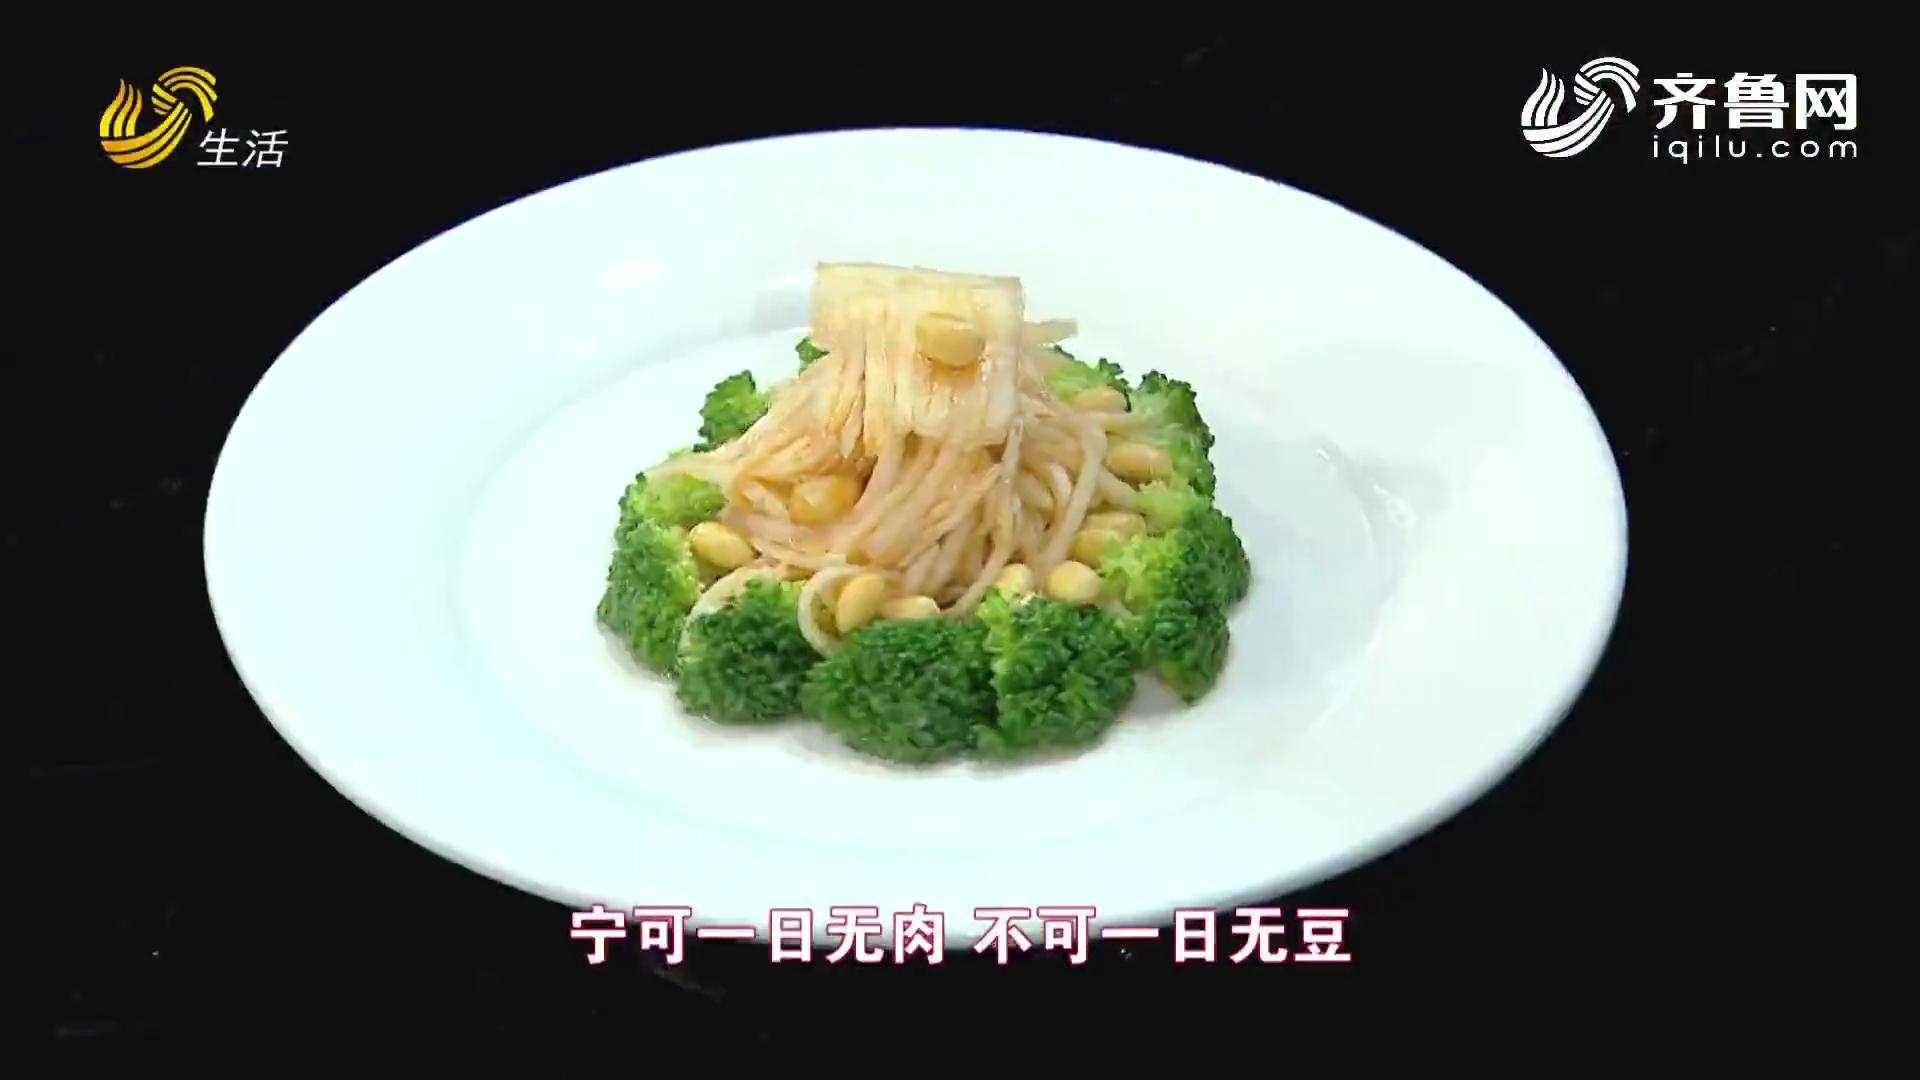 《非尝不可》之非尝美食:补钙料理茄汁茭白